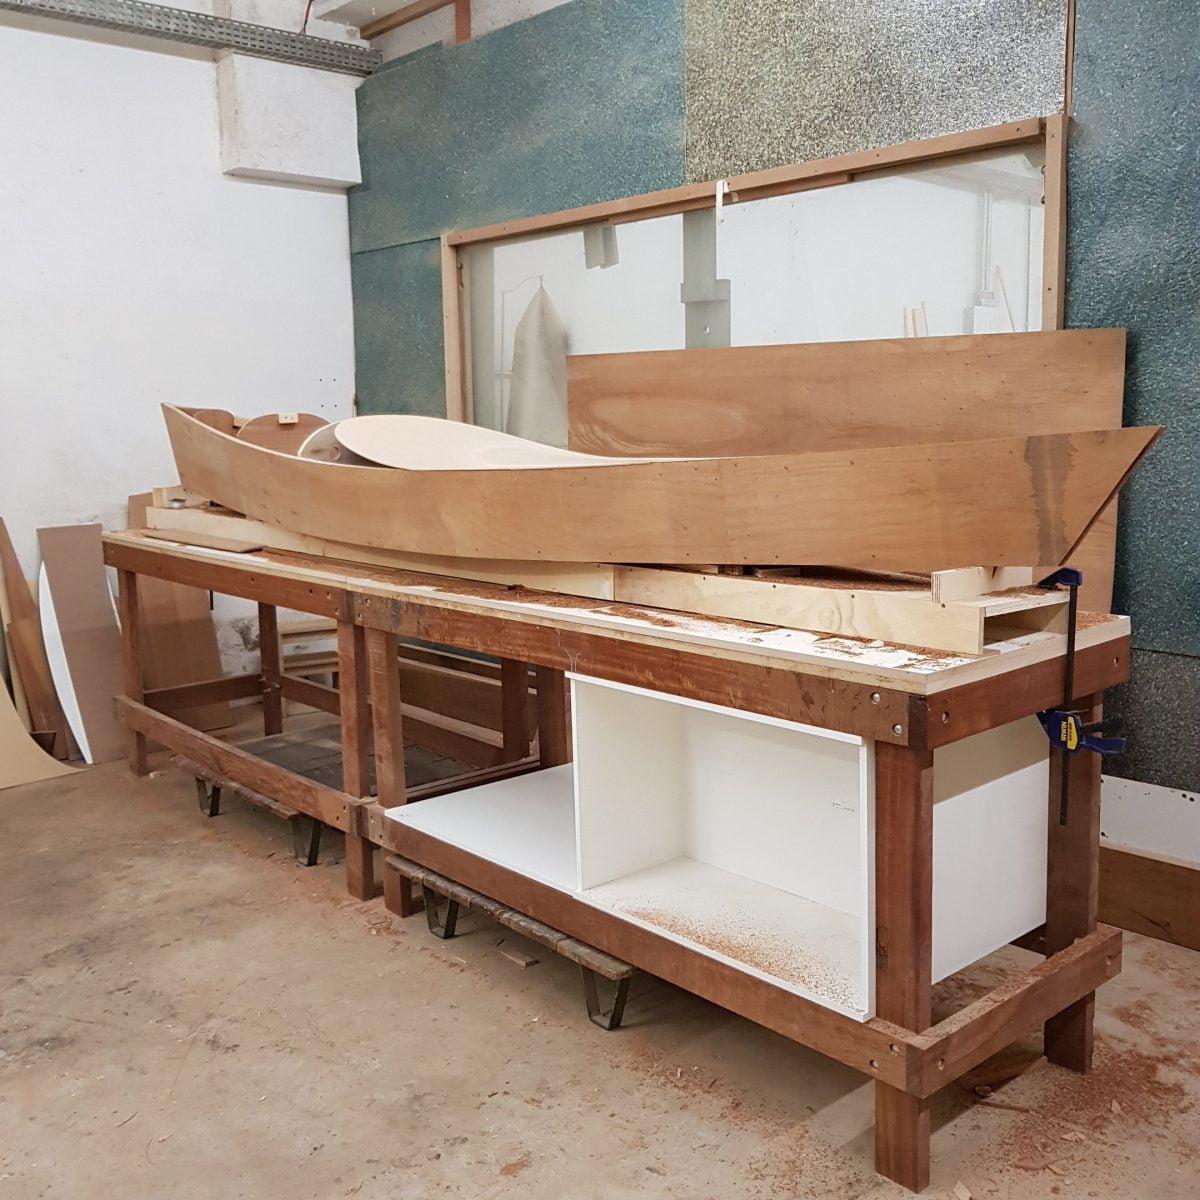 Kayak Plans – Building a Plywood Kayak